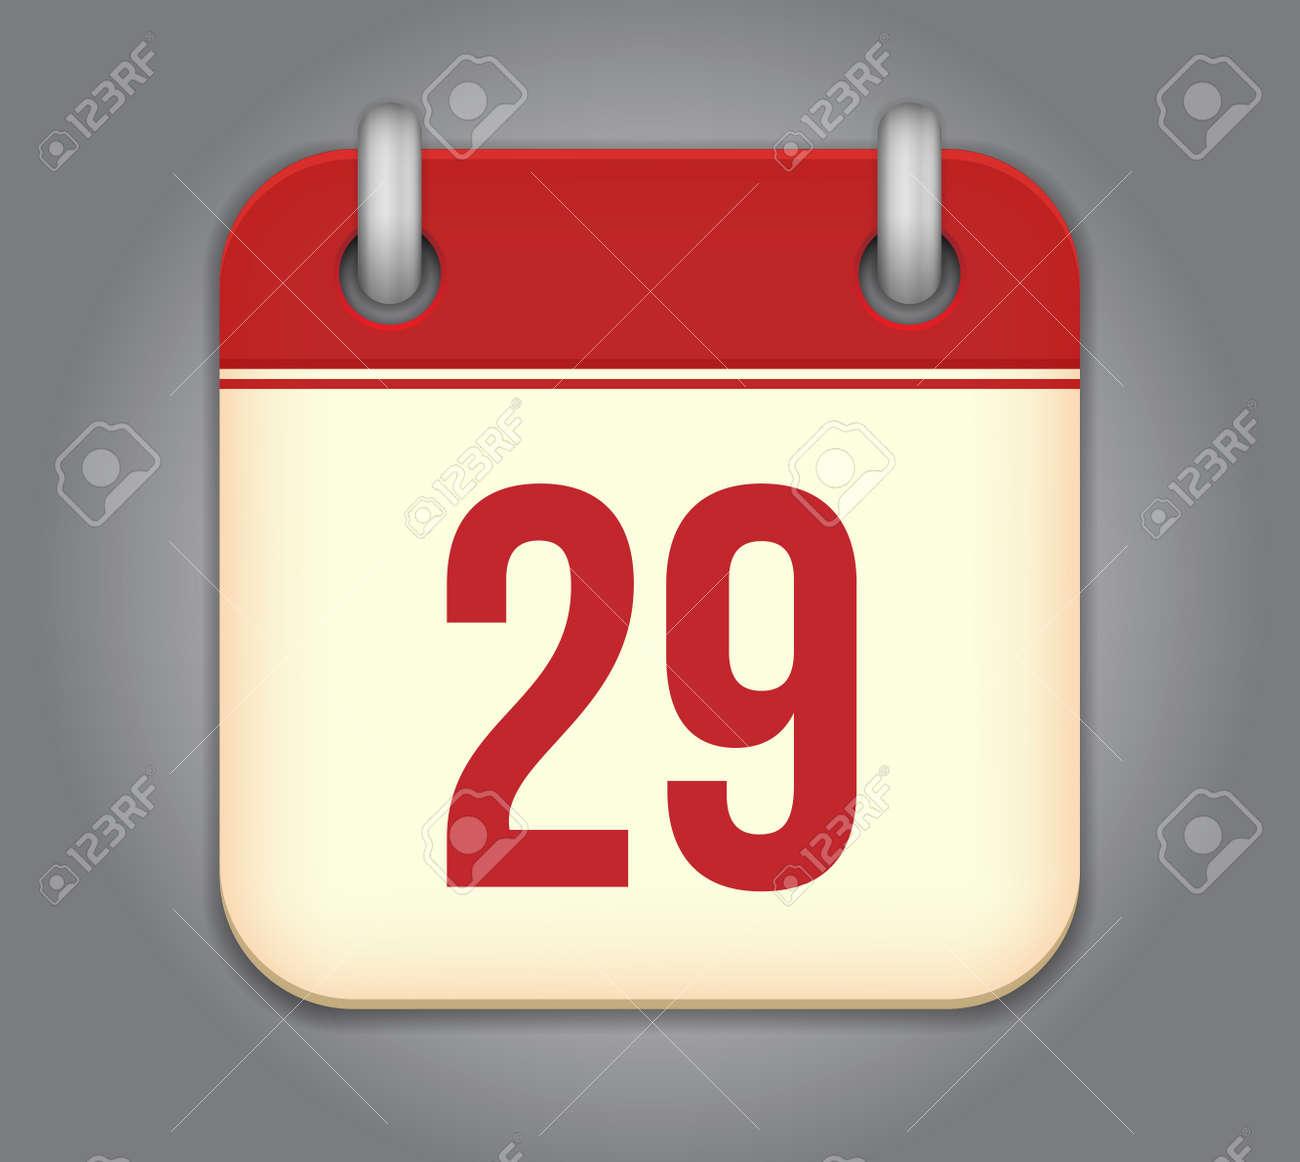 calendar app icon Stock Vector - 18349540